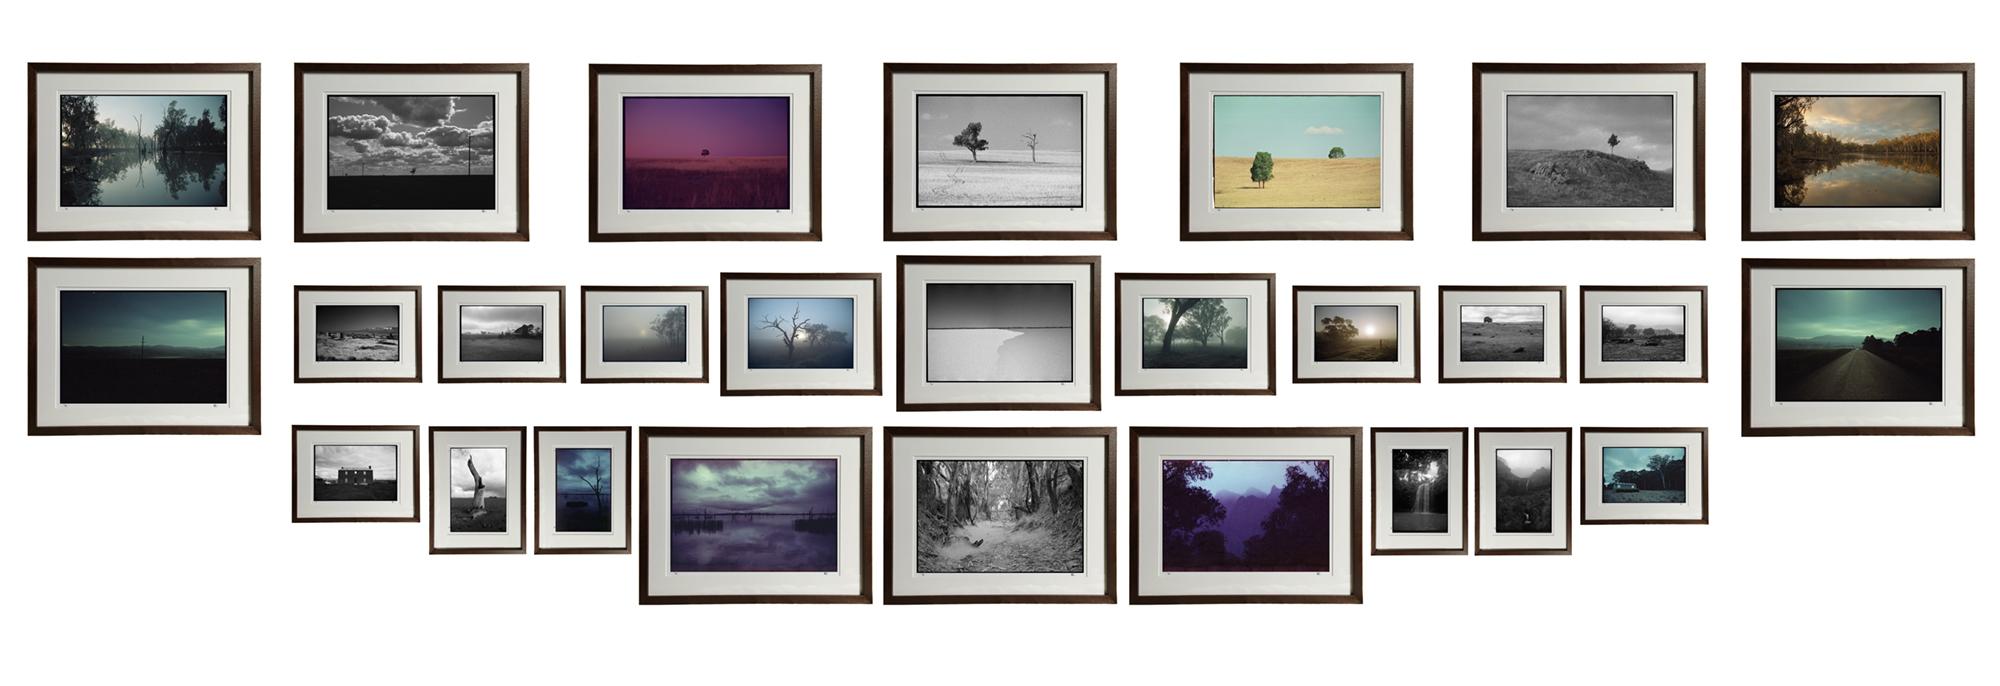 Framed Layout.jpg